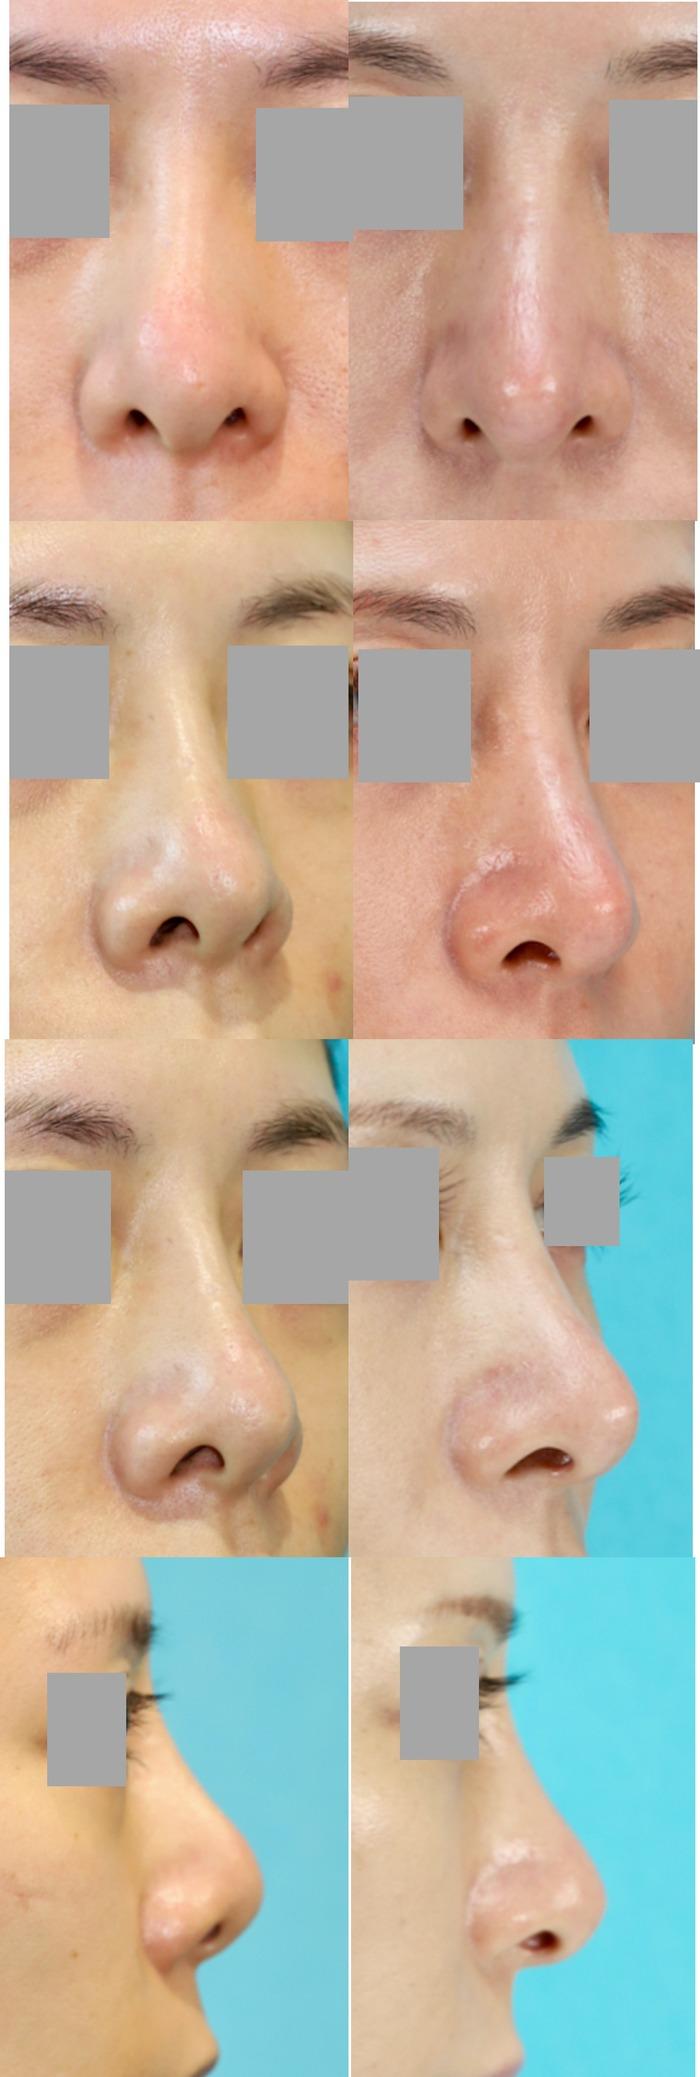 鼻中隔延長術、隆鼻術(プロテーゼ入れ替え)術後5ヶ月 拡大像